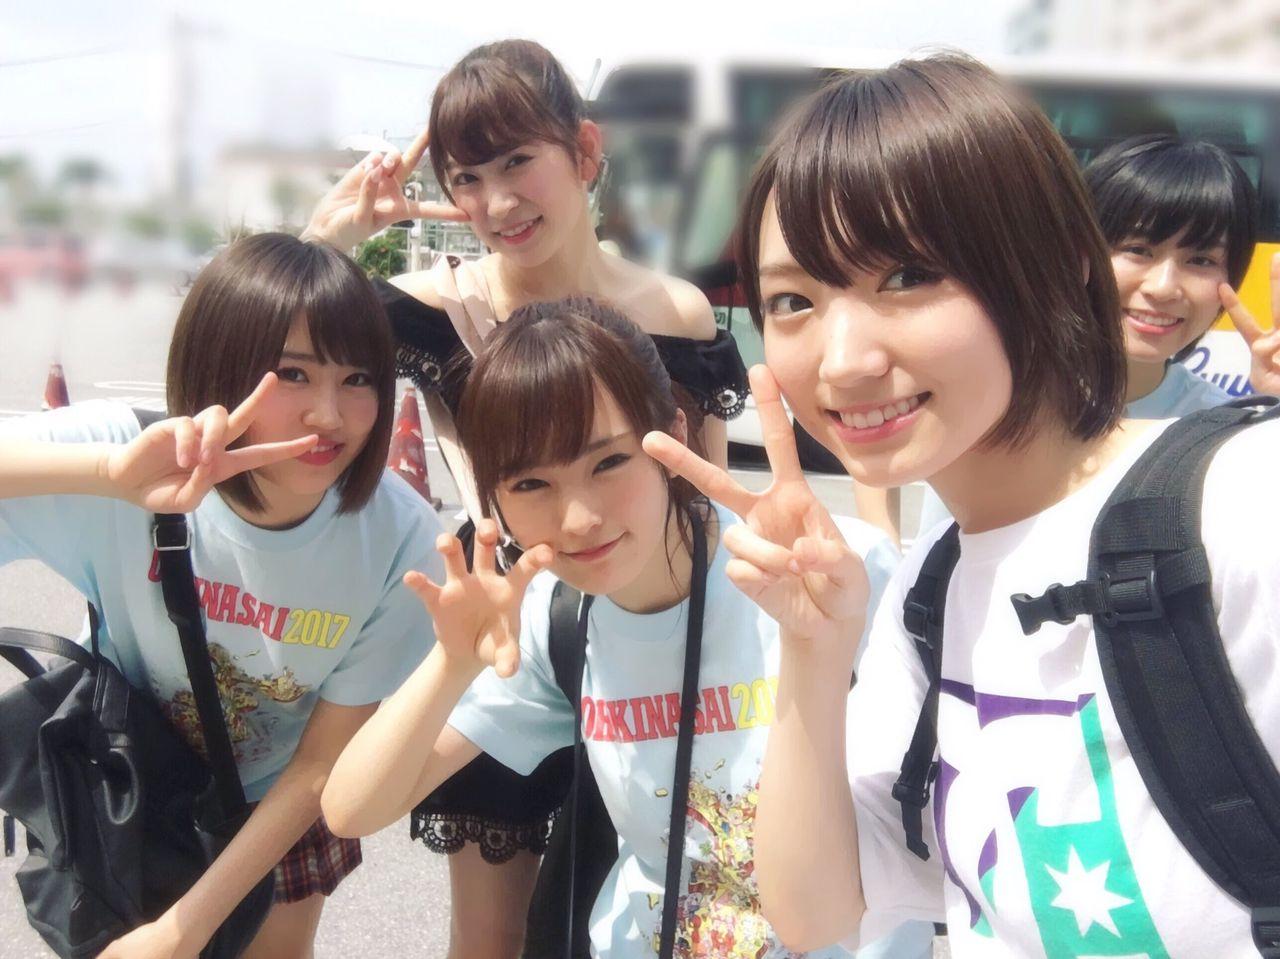 【沖縄国際映画祭】NMB48メンバーのオフショット画像など